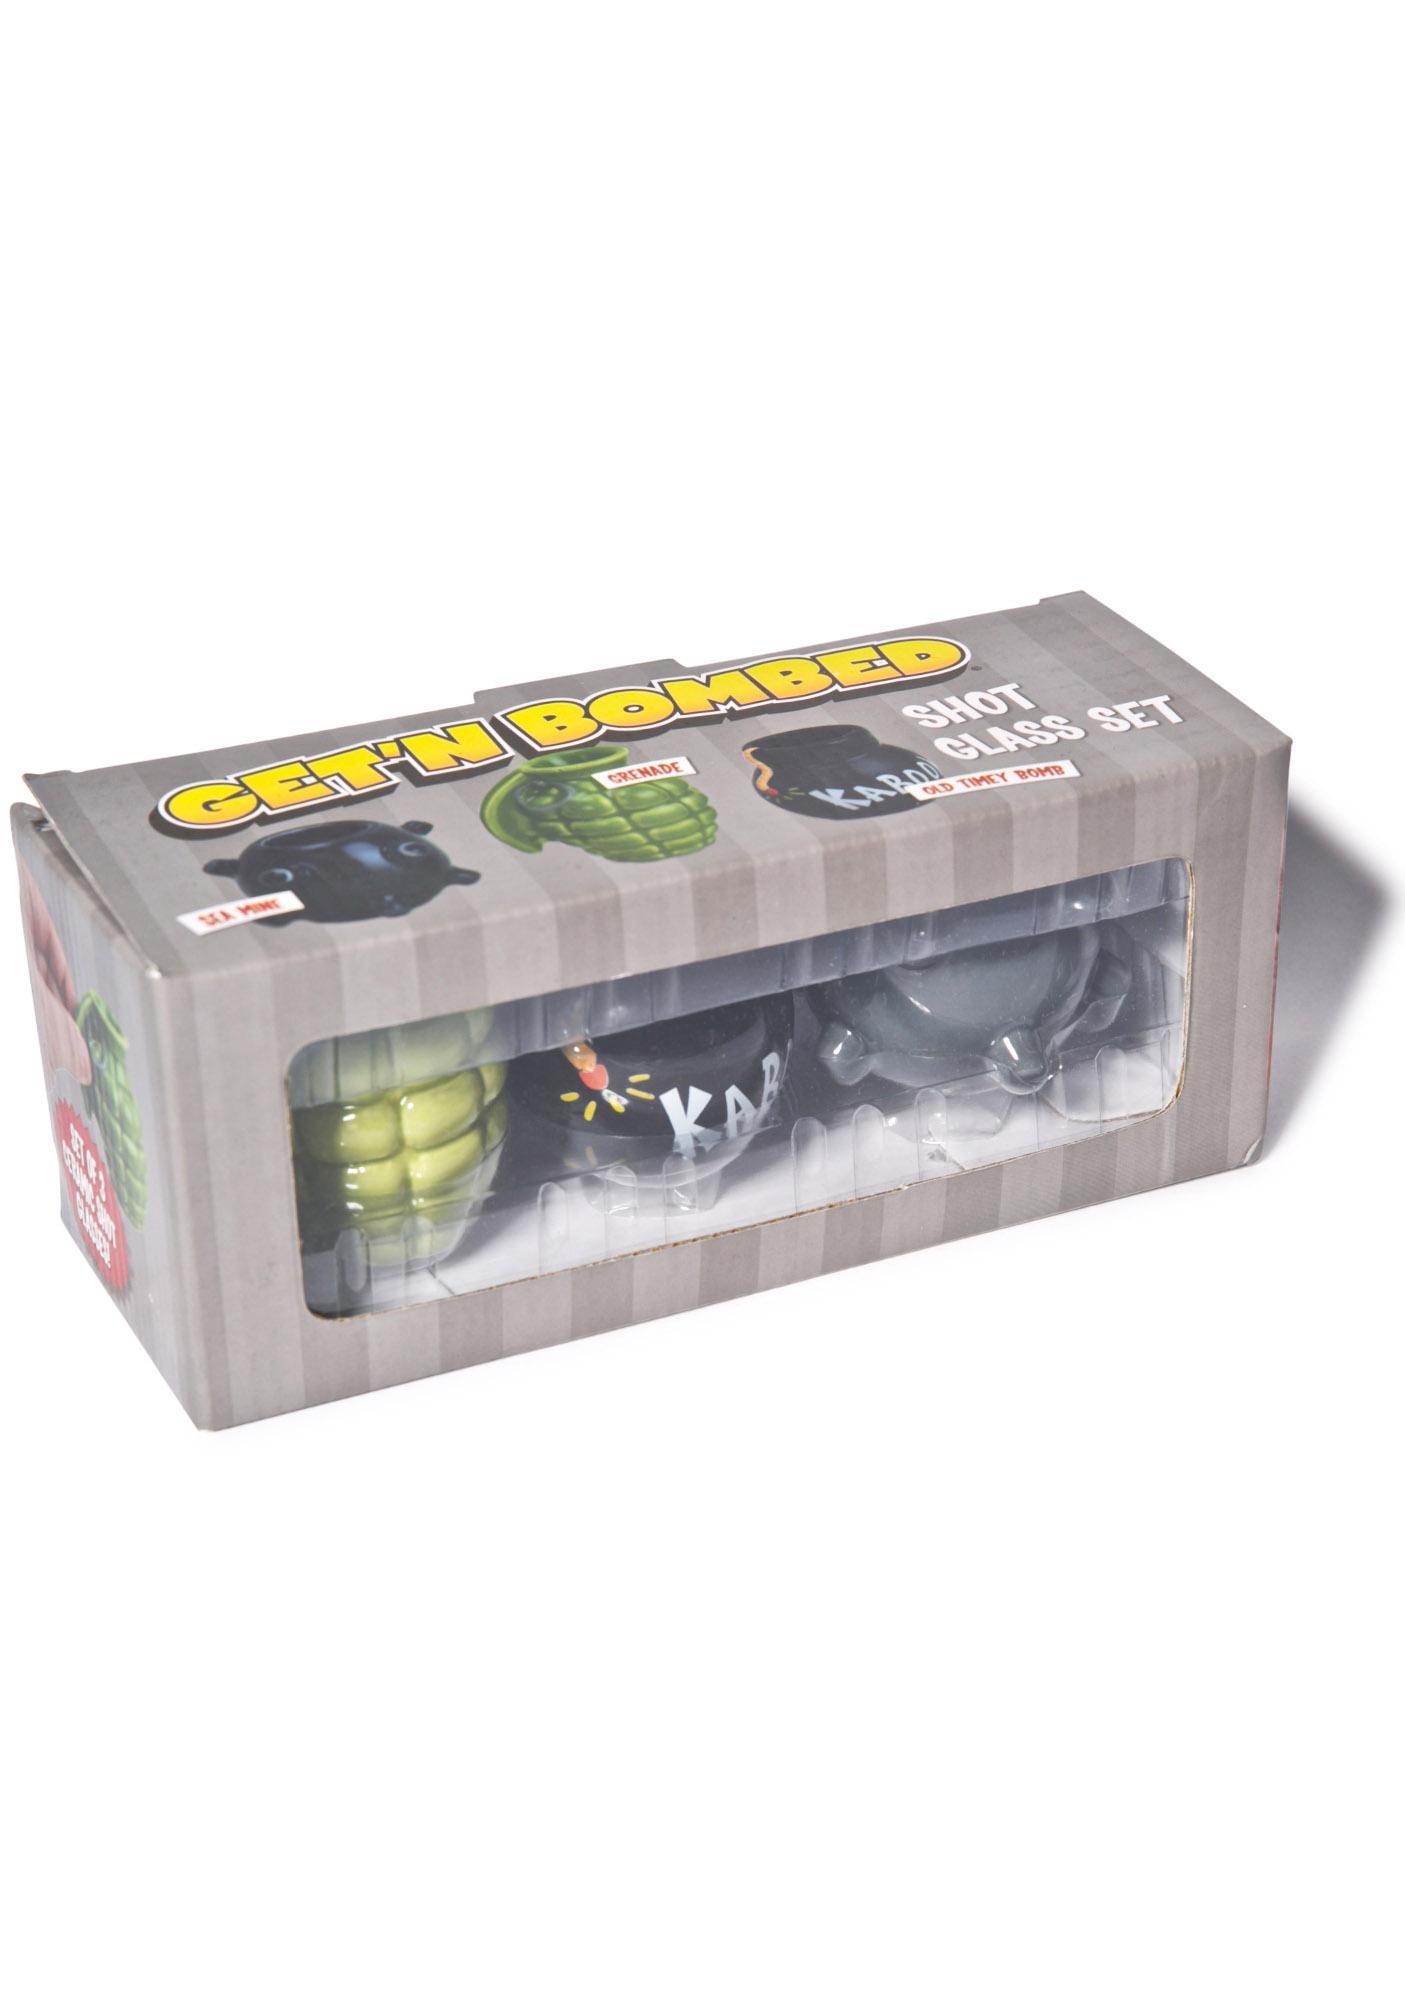 Get Bombed Shot Glass Set